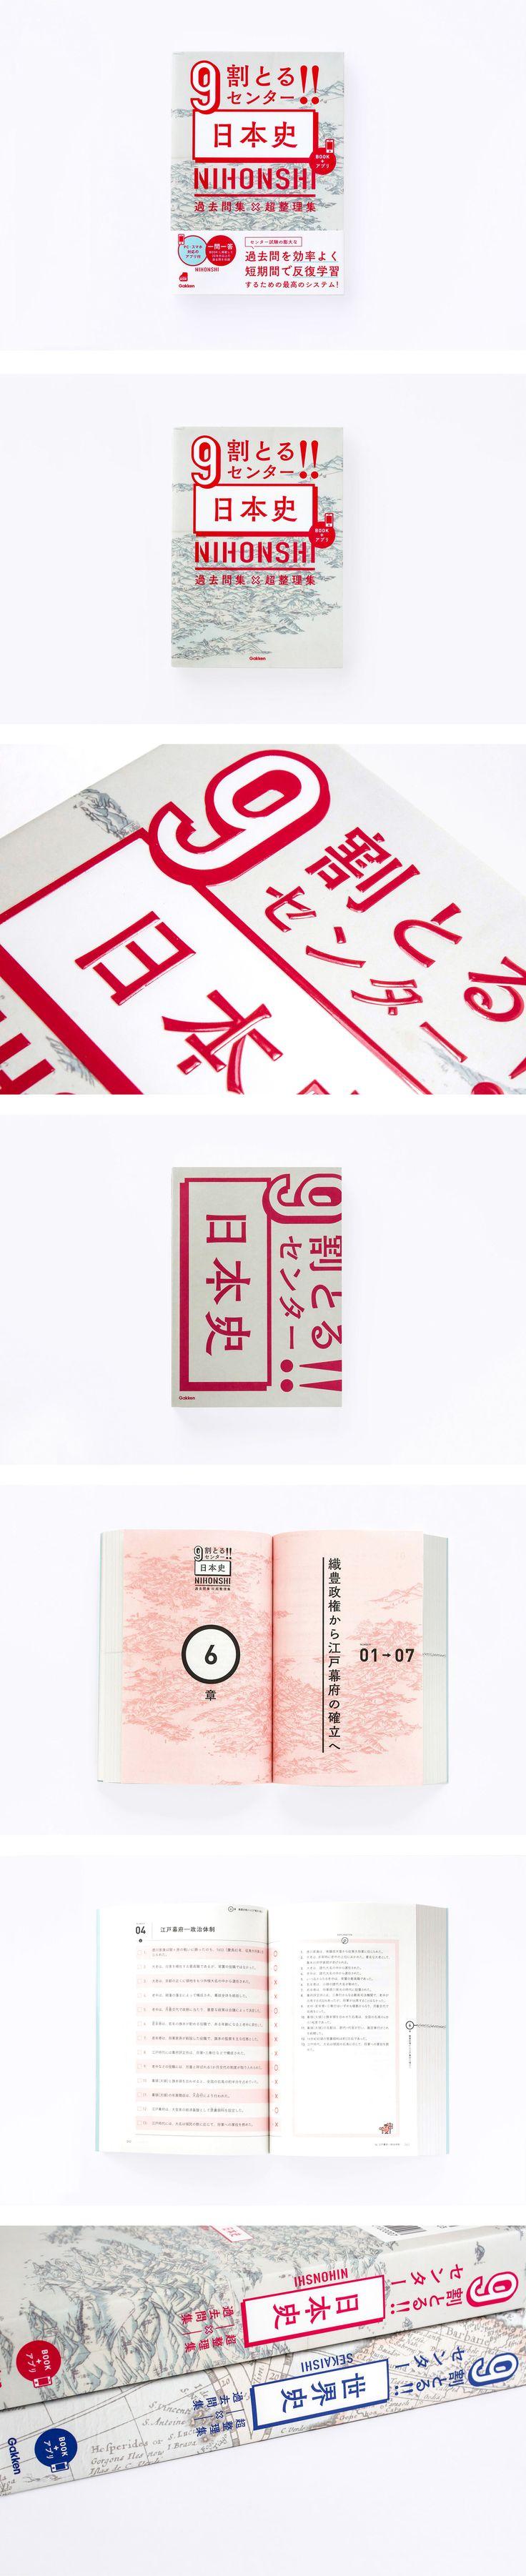 9割とる‼︎センター日本史 | キタダデザイン